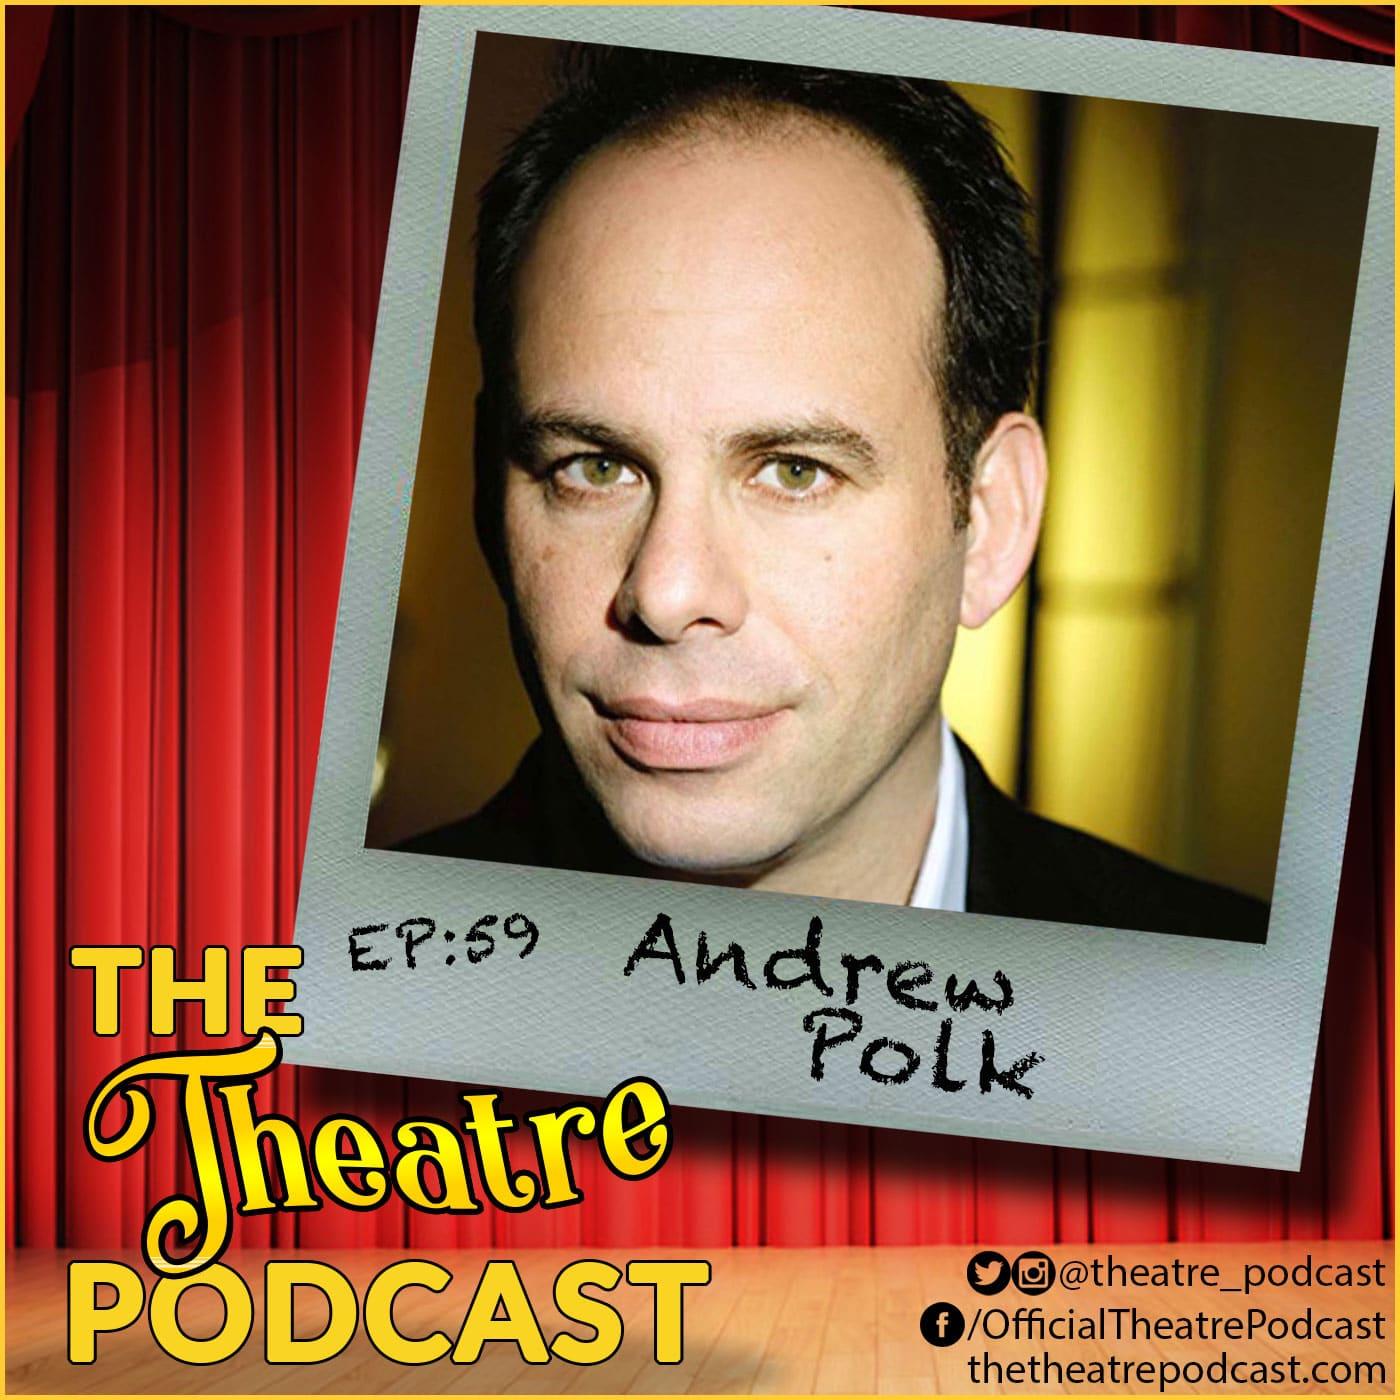 The Theatre Podcast Ep59 - Andrew Polk